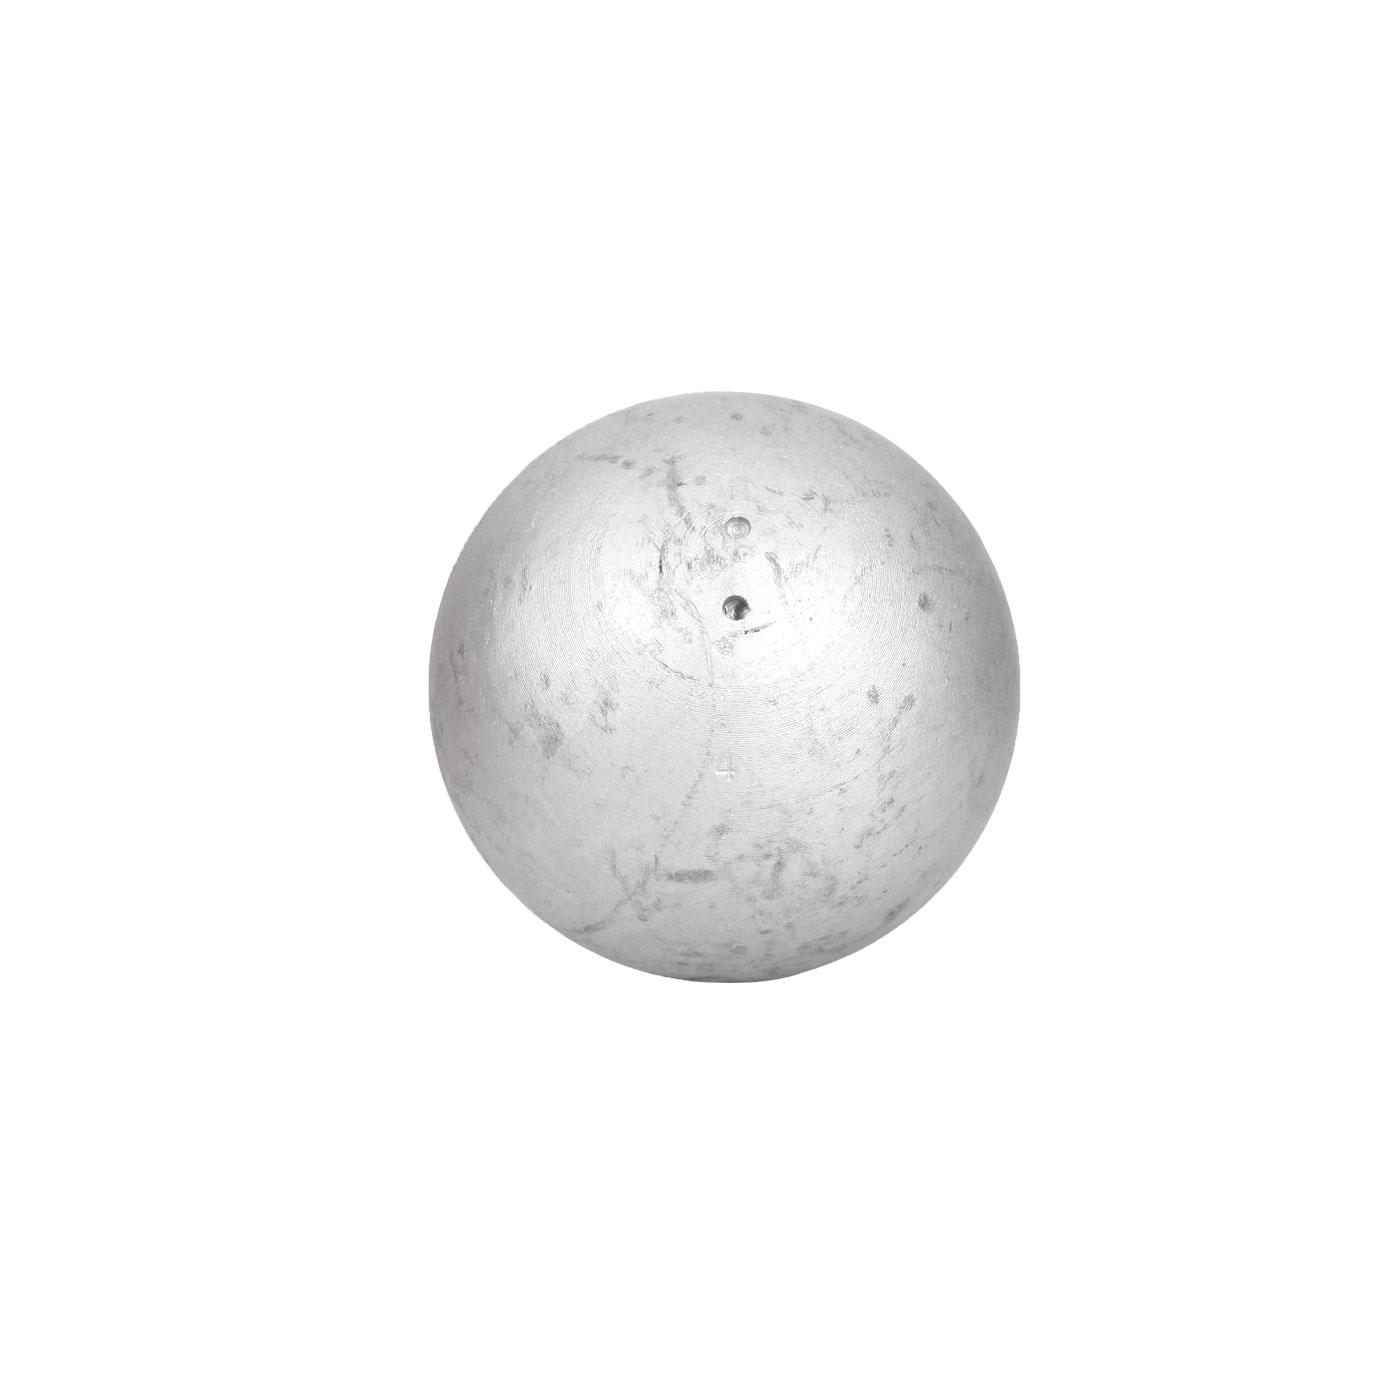 其它 鉛球-4KG6009201 - 依賣場